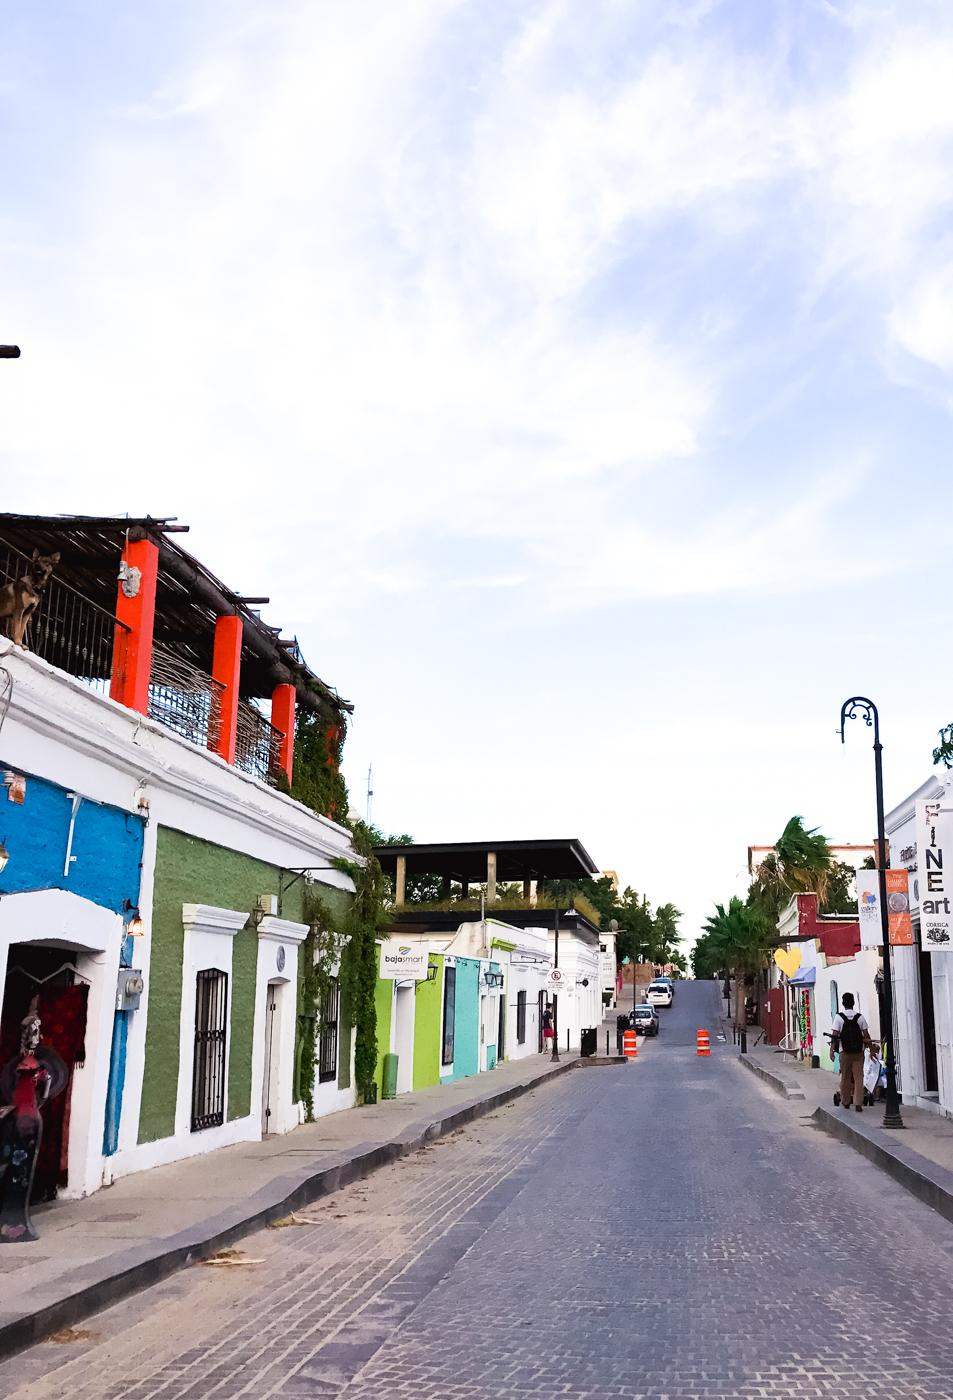 Art District | San Jose del Cabo, Mexico